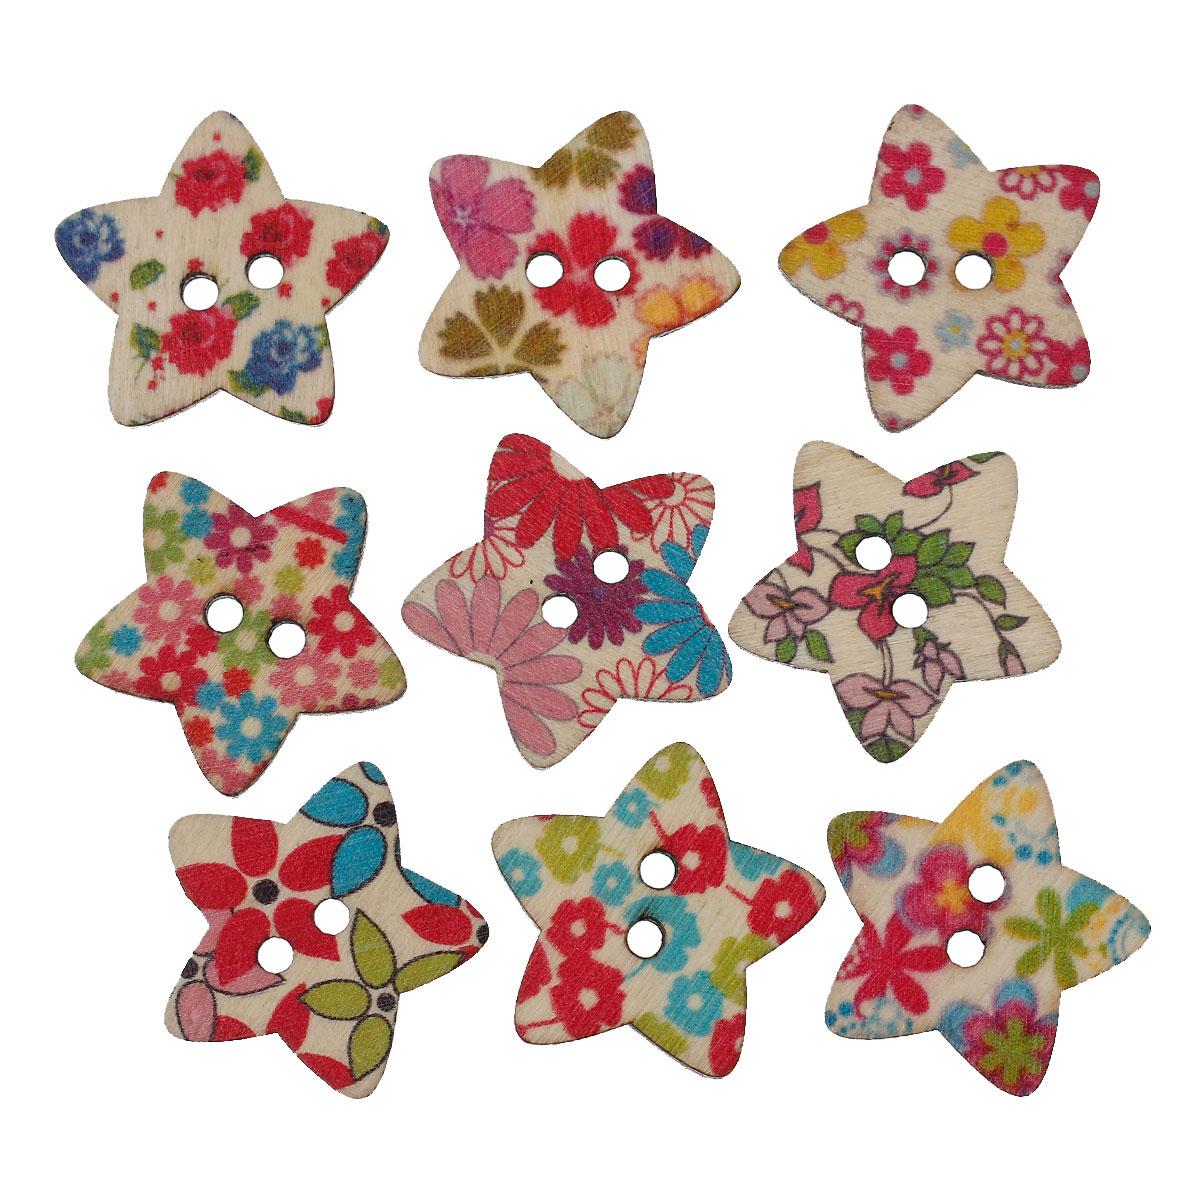 6 jolis boutons de couture en bois forme étoile motif fleuri nature,30x28mm